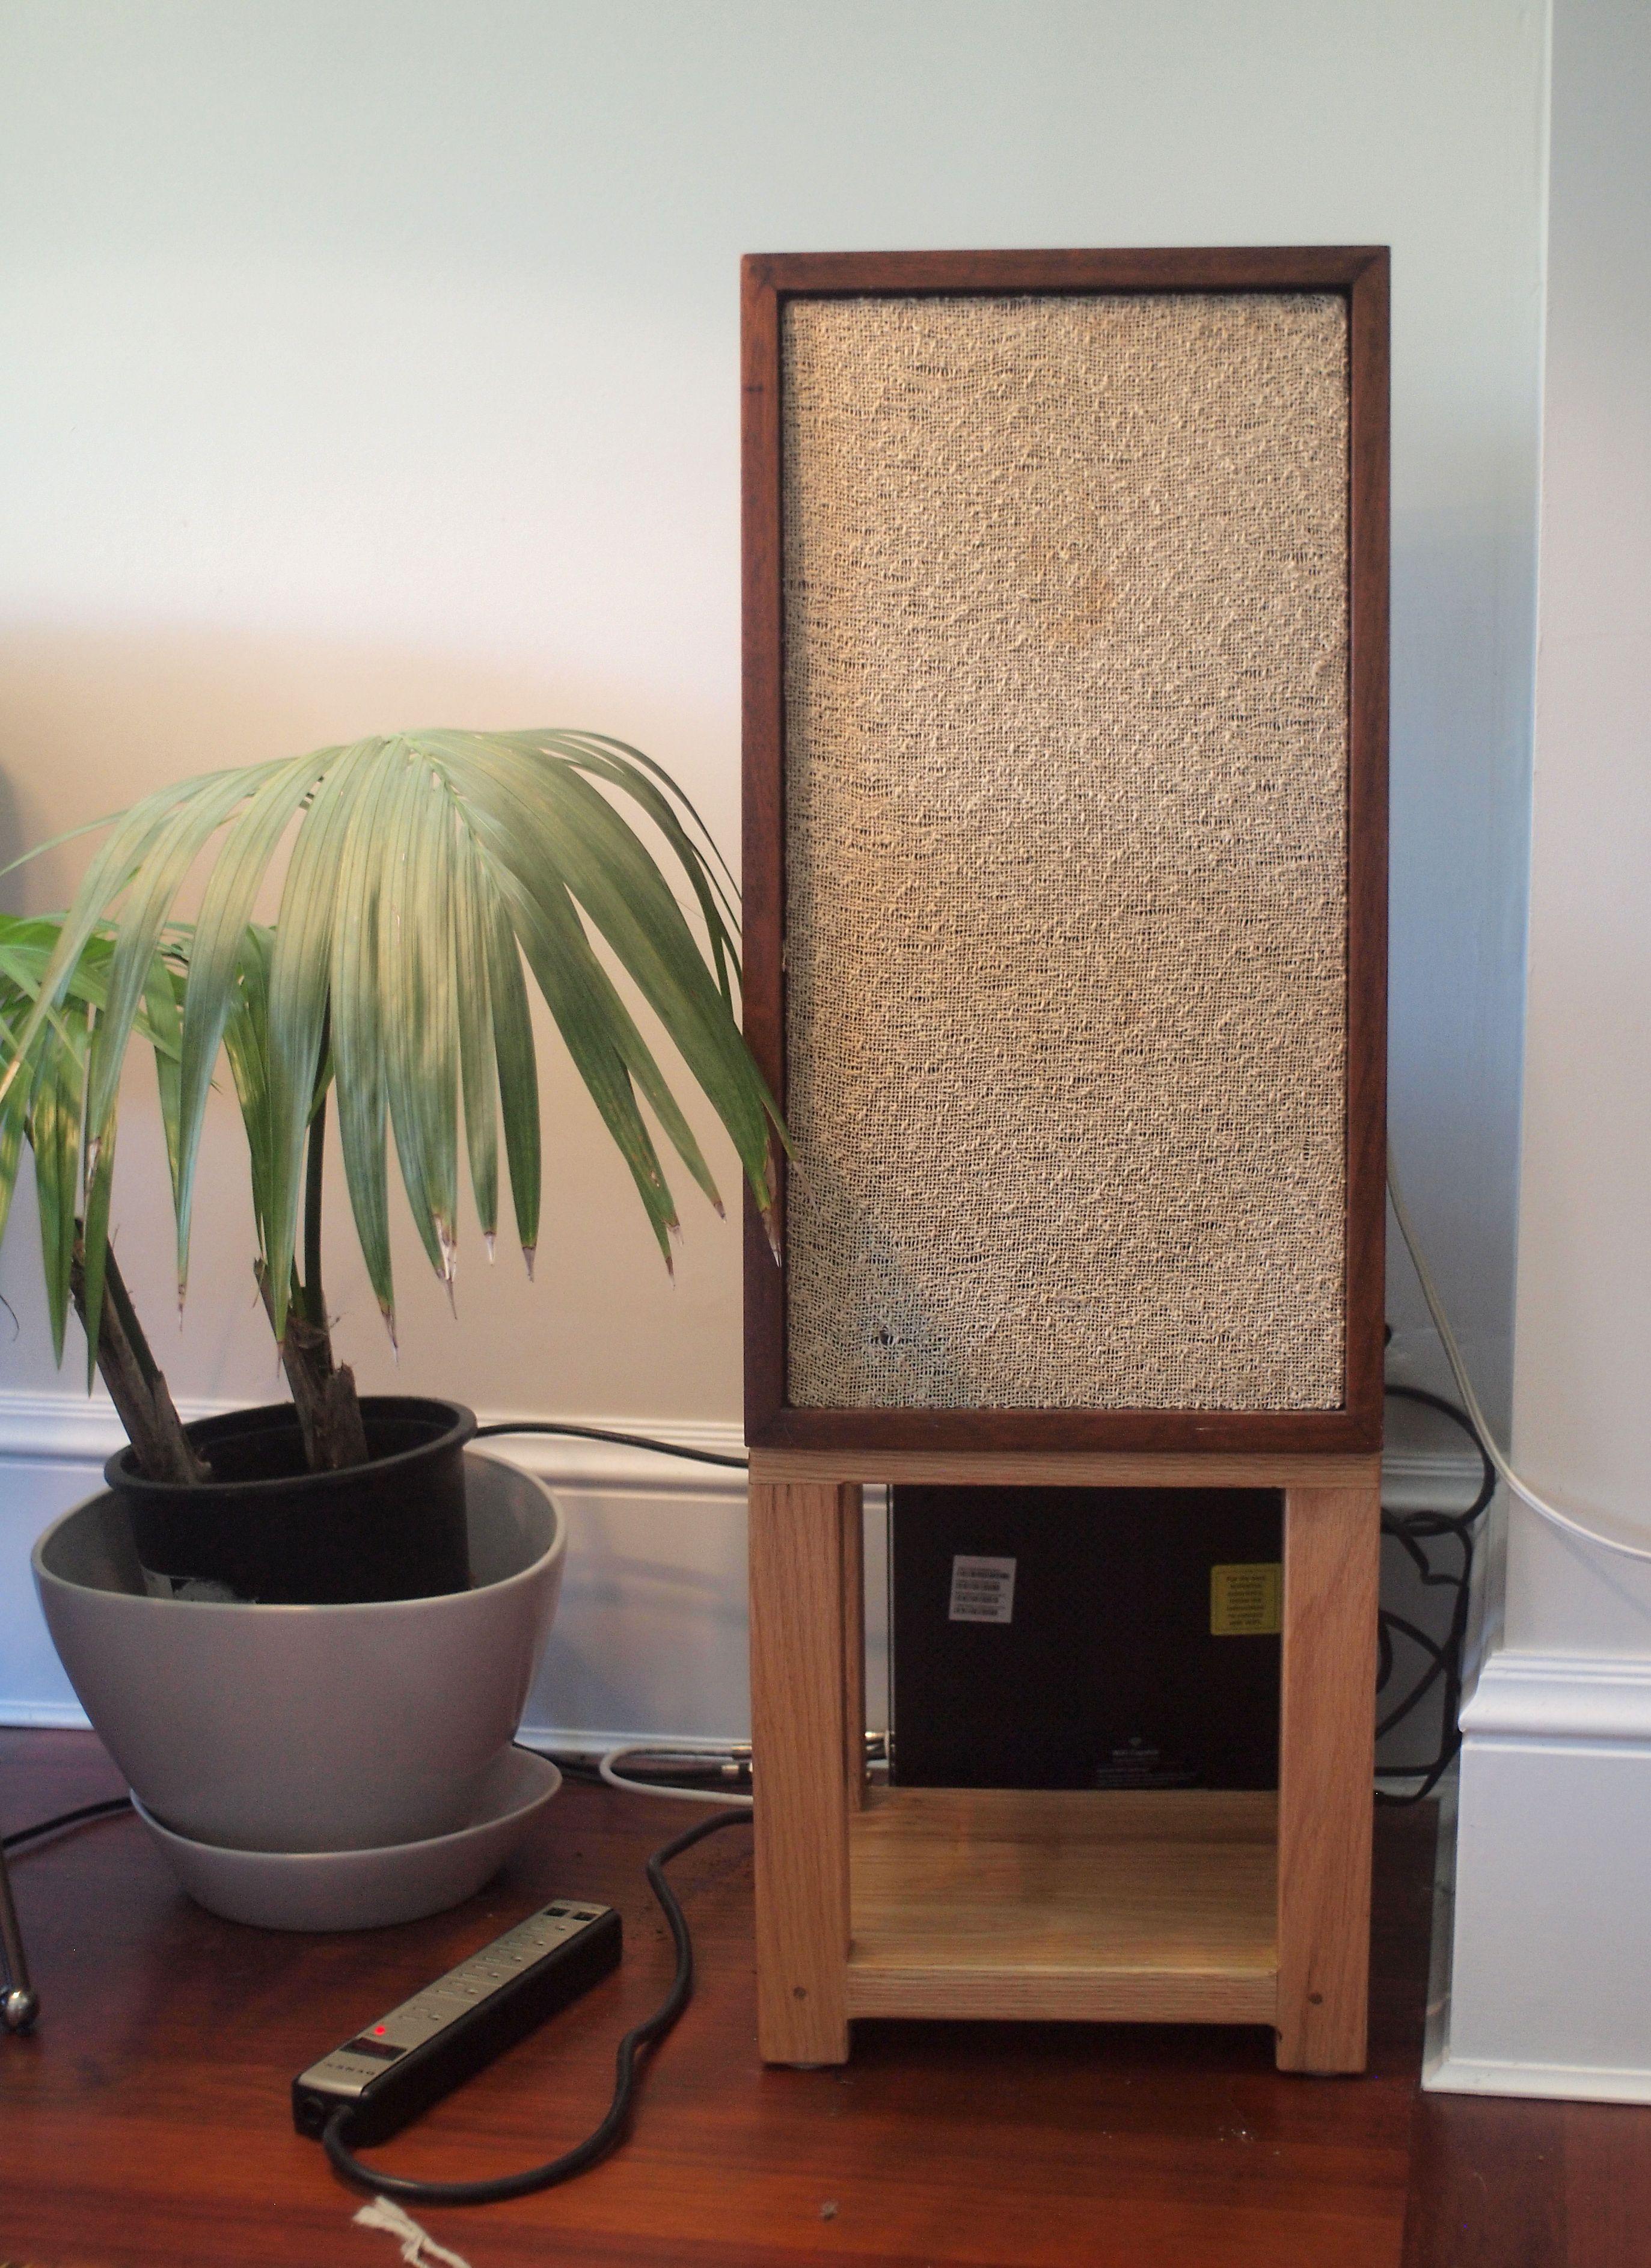 Homemade solid oak speaker stands holding vintage KLH